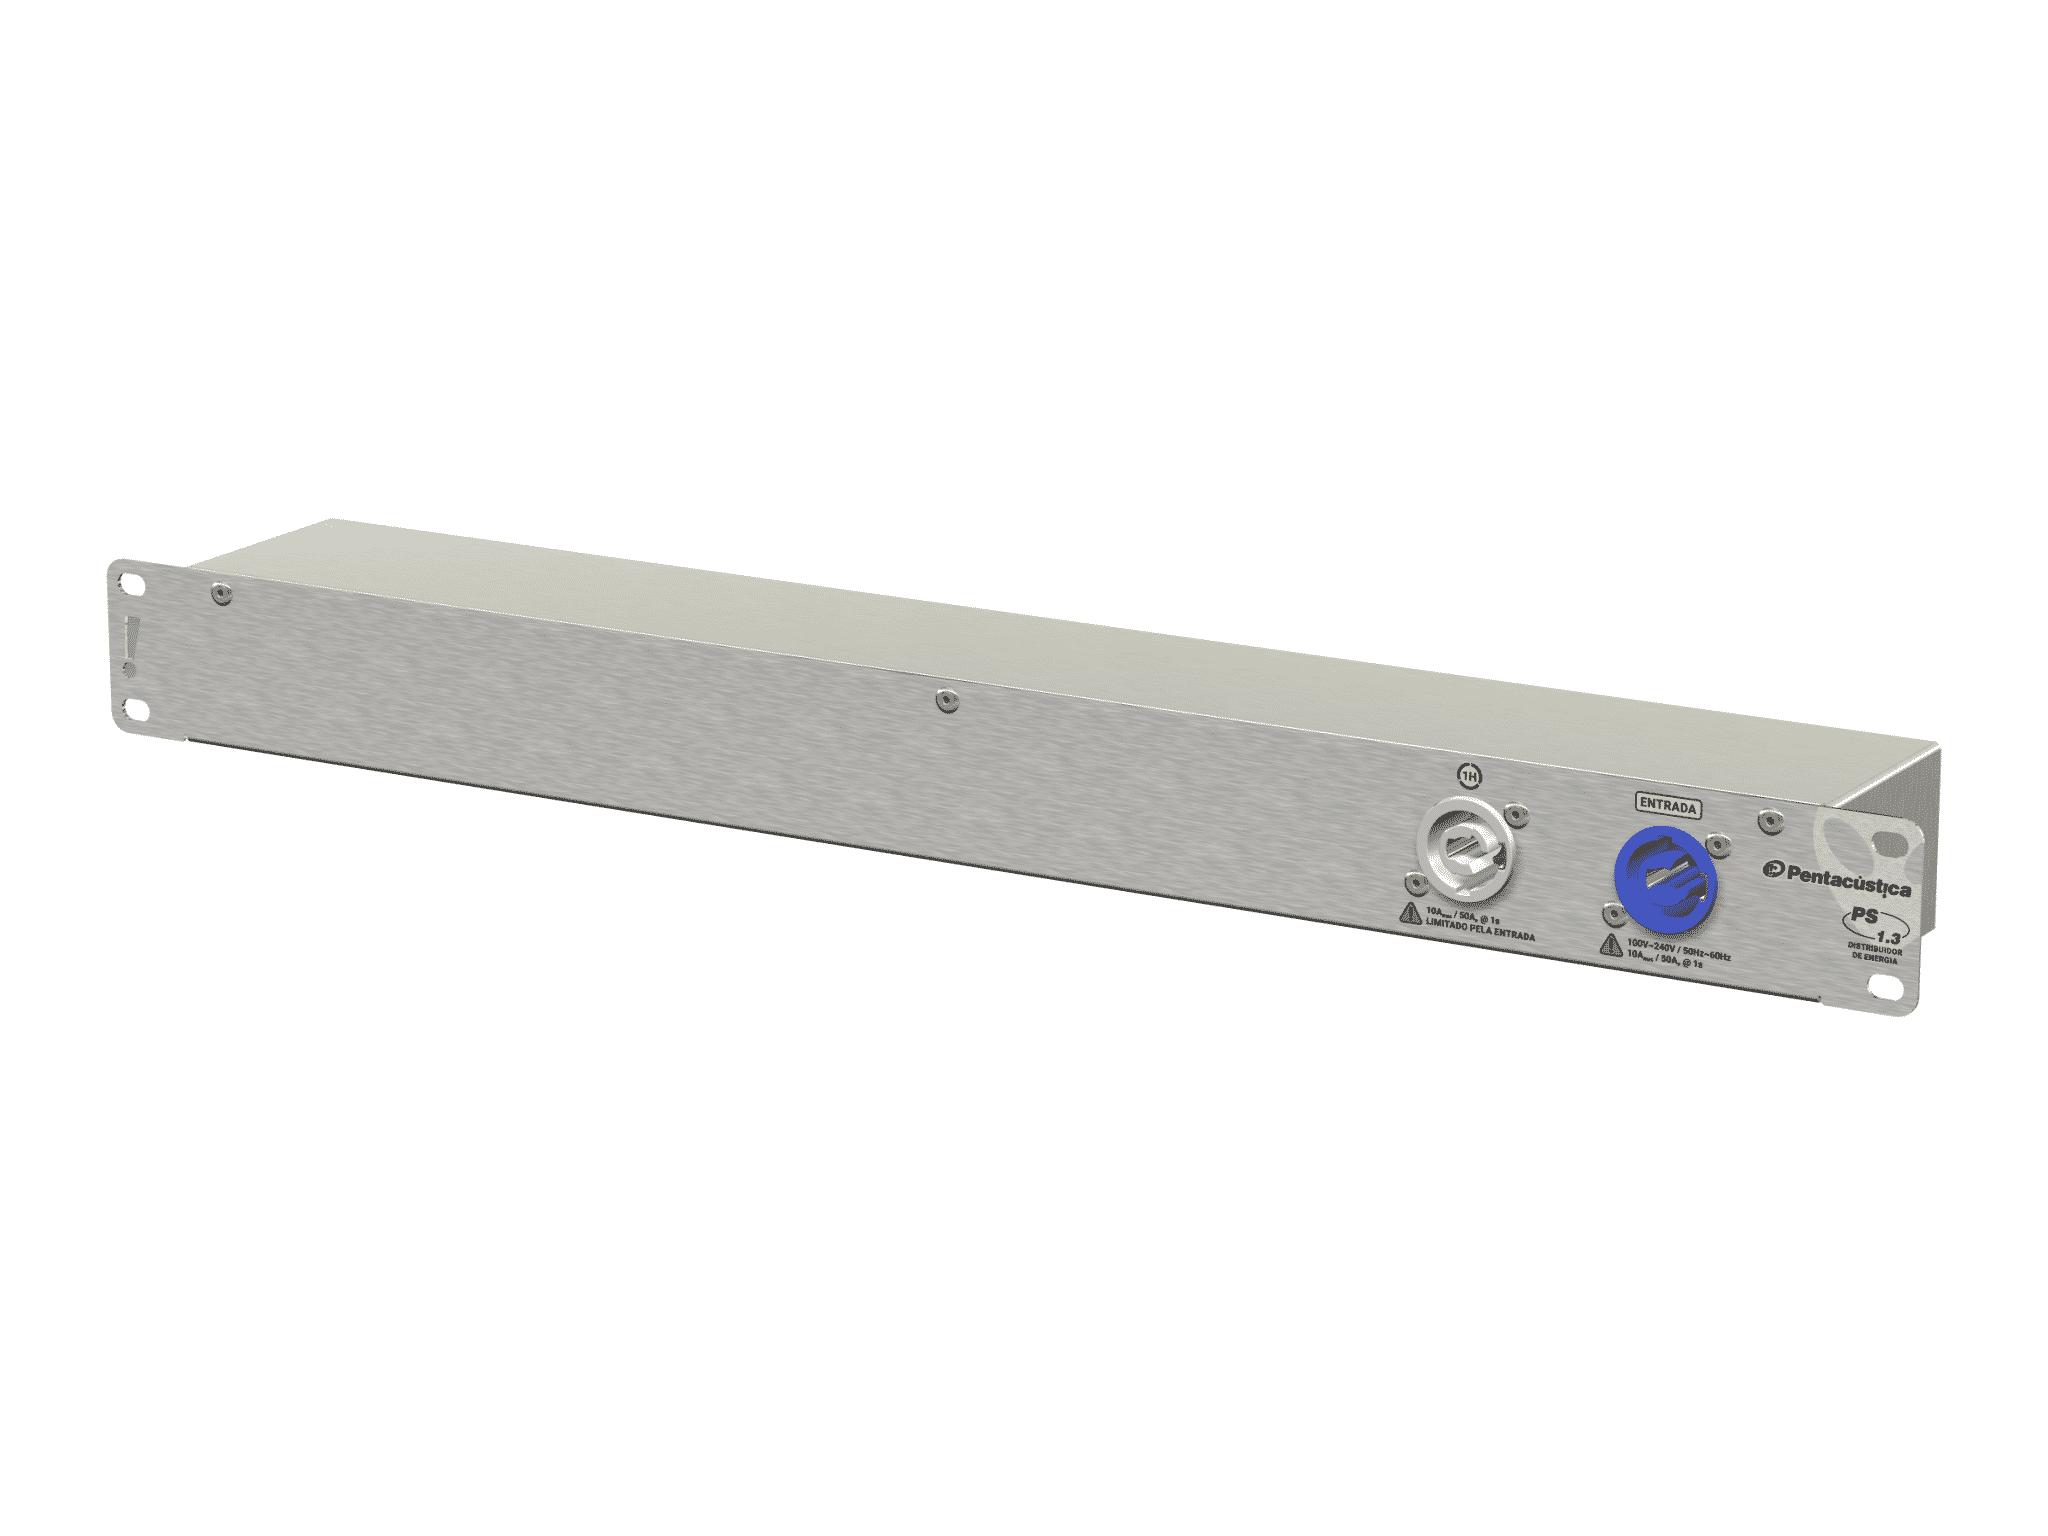 Pentacústica PS-1.3_IM100236